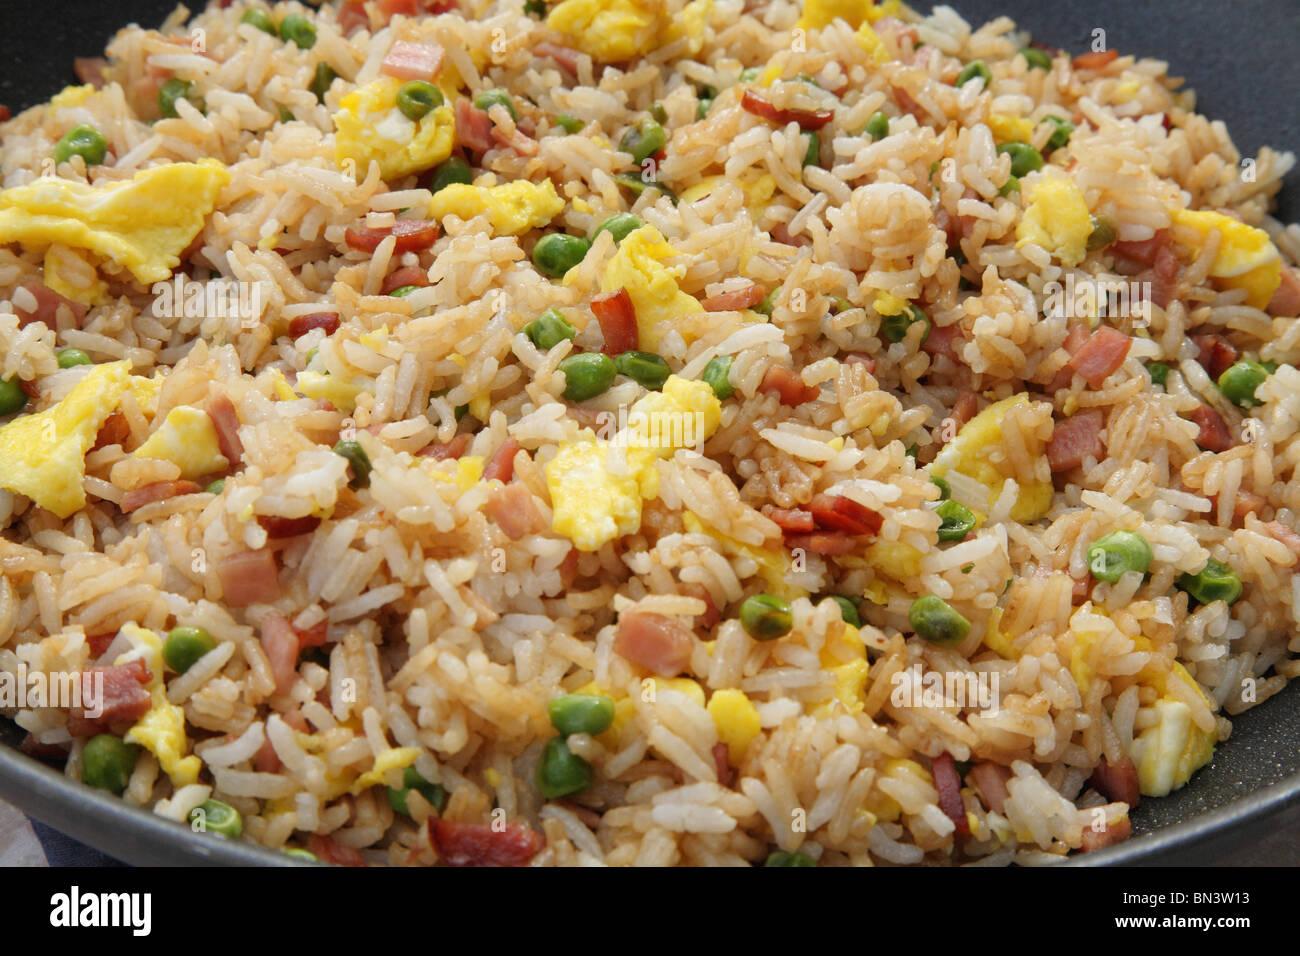 Close-up wok plein de riz frit au jambon coloré nourriture Photo Stock